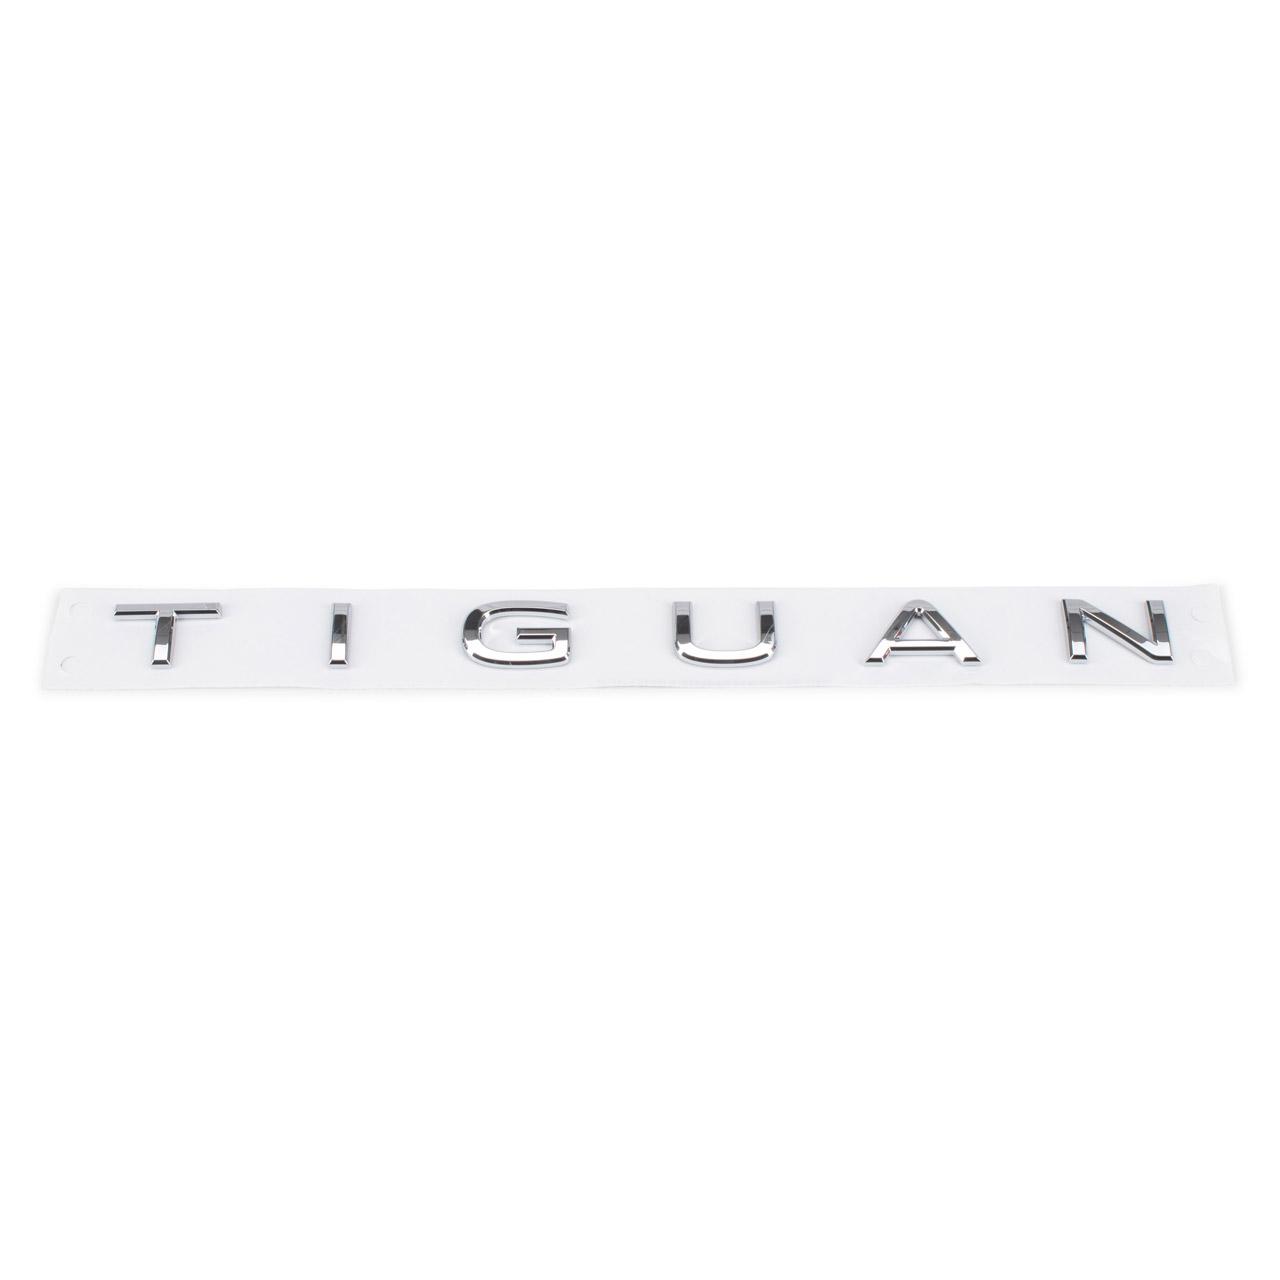 ORIGINAL VW Emblem Plakette Schriftzug Chrom Tiguan 5N AD AX hinten 5NA853687H 2ZZ